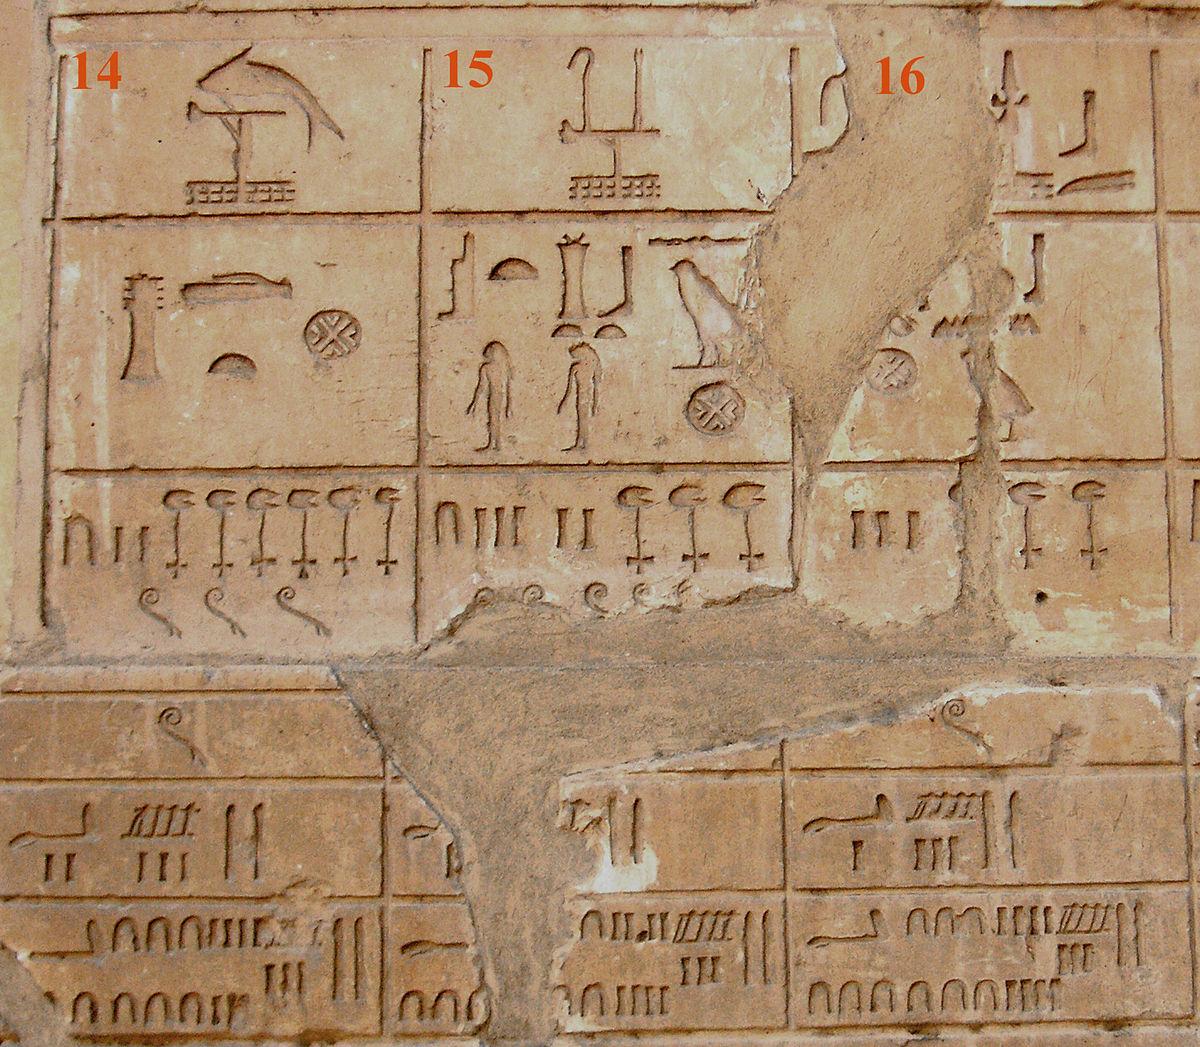 ägyptische Zahlschrift Wikipedia